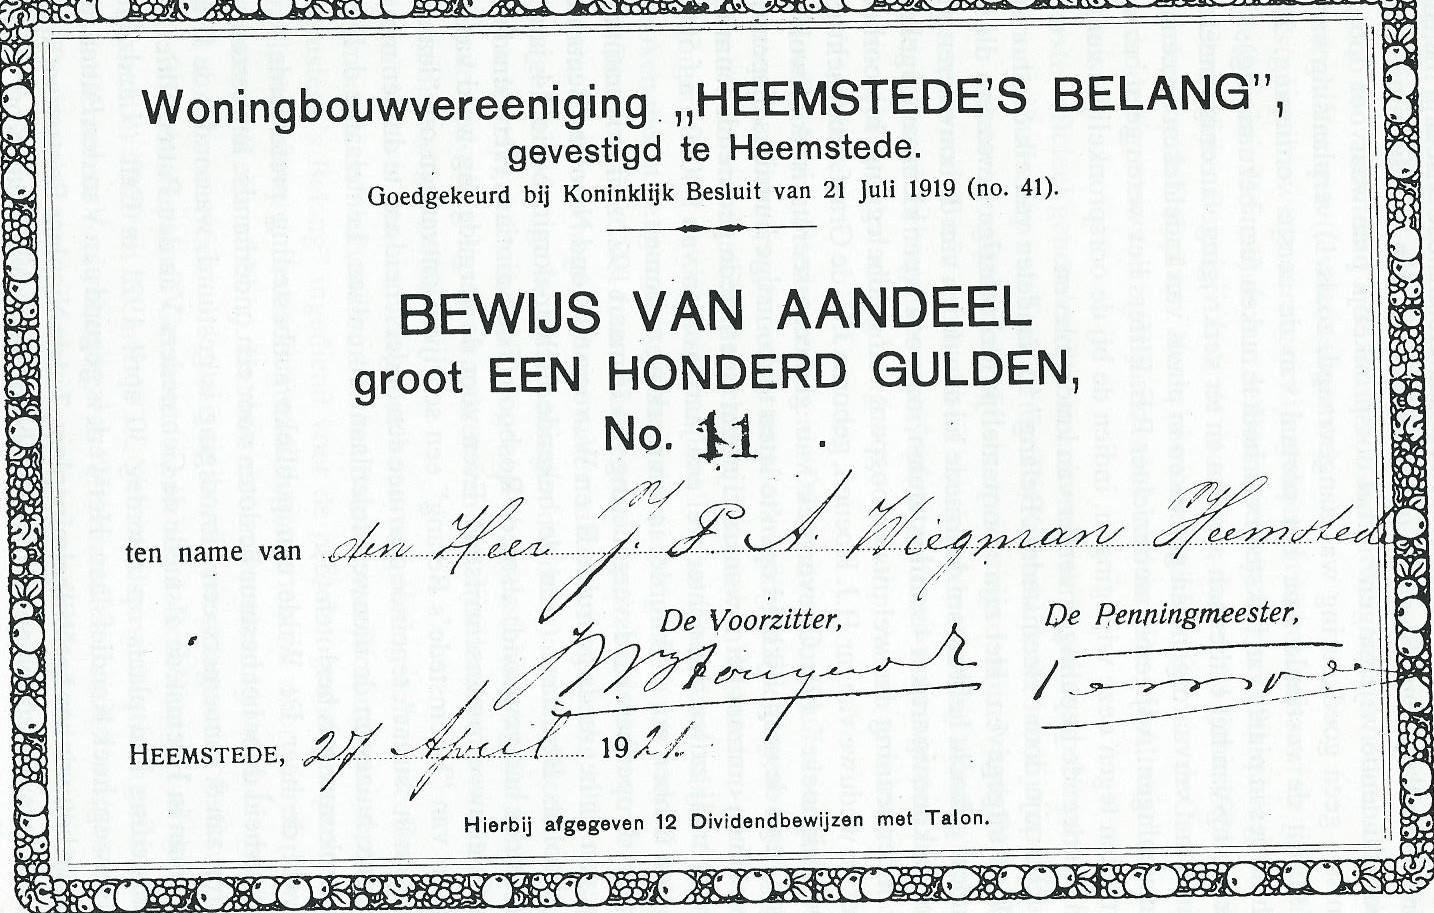 Woningbouwvereeniging 'Heemstede's Belang' , bewijs van aandeel J.P.A.Wiegman uit 1921